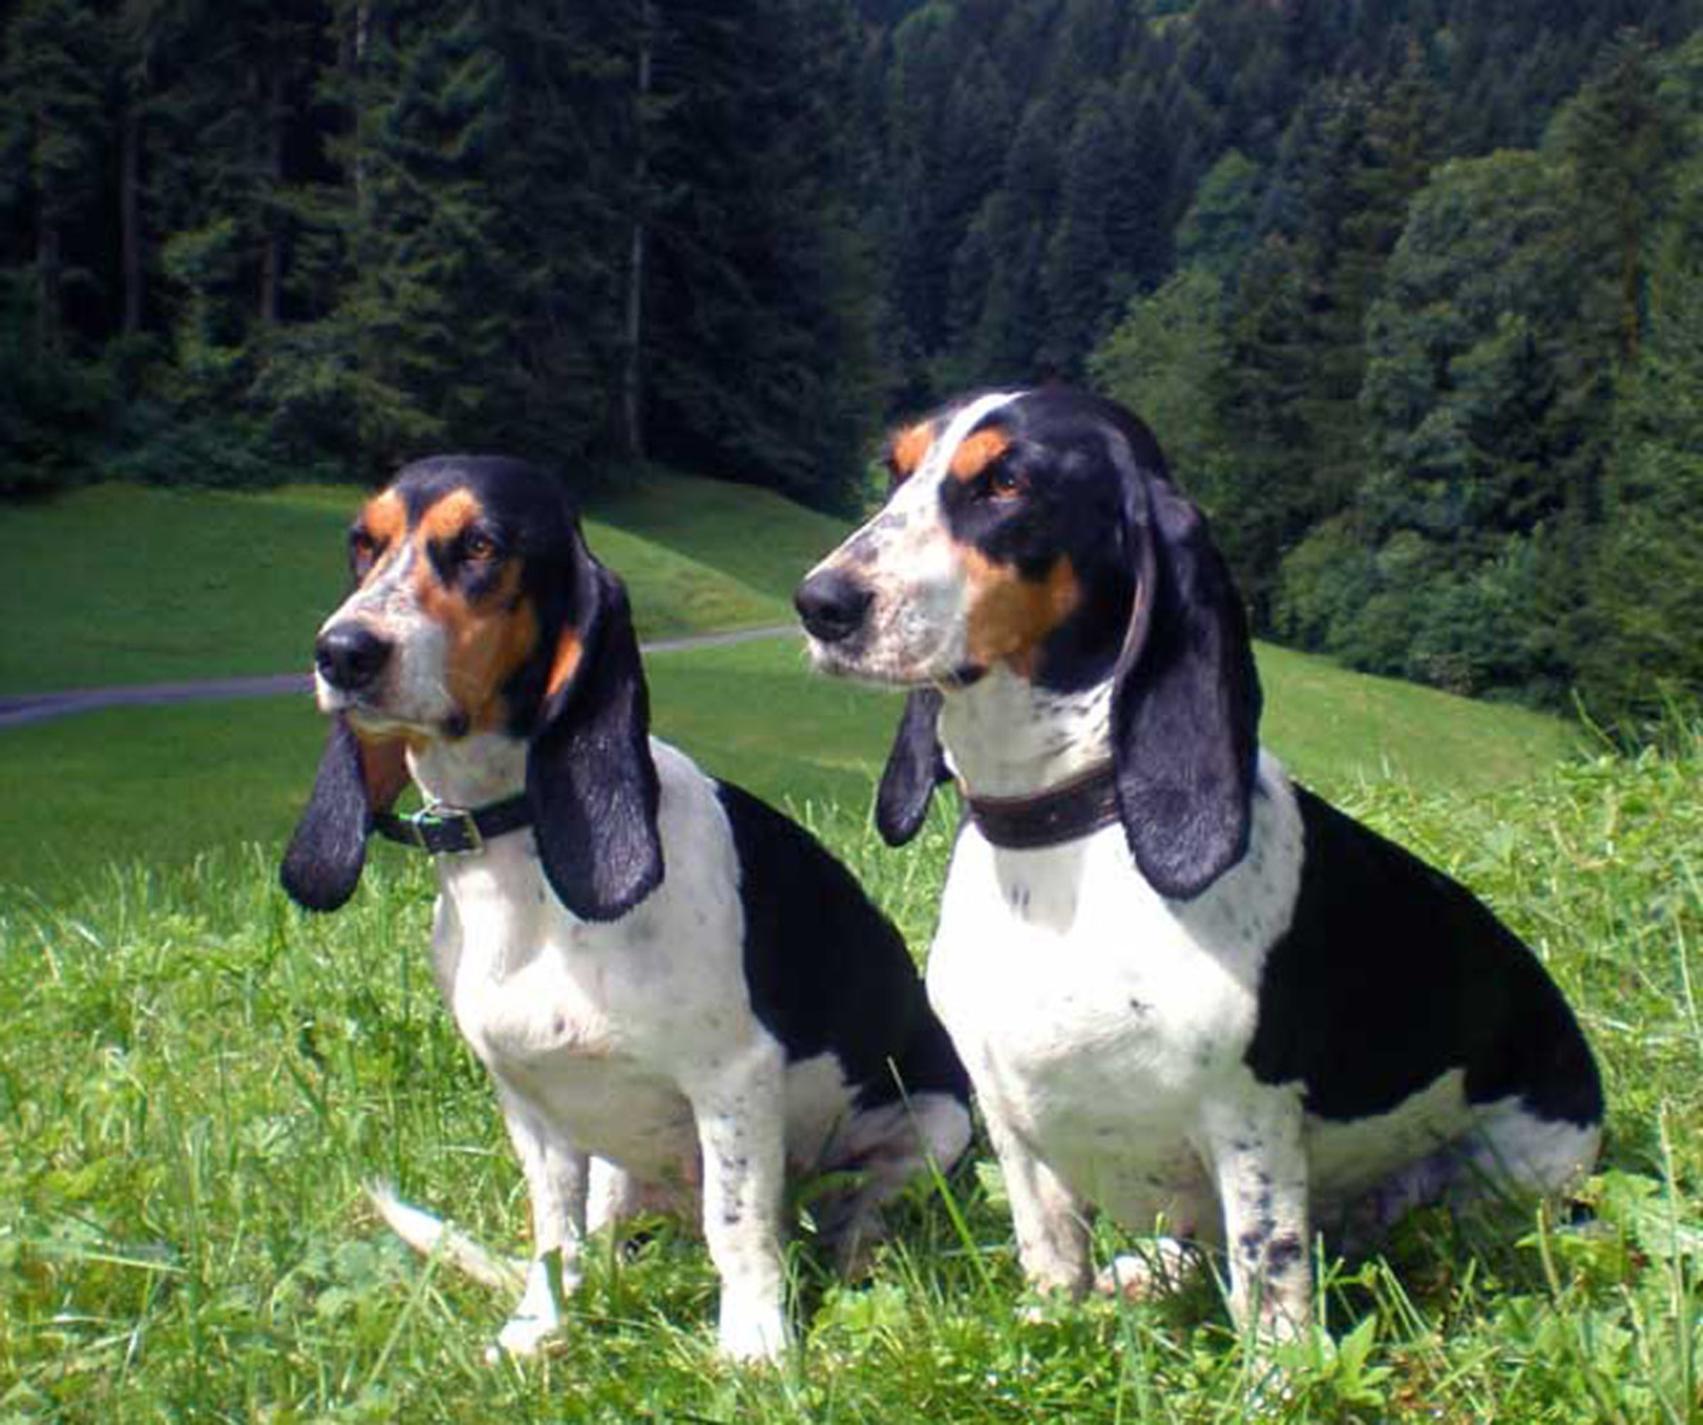 Schweizer Laufhund Dog: Schweizer Two Schweizer Laufhund Dogs Breed